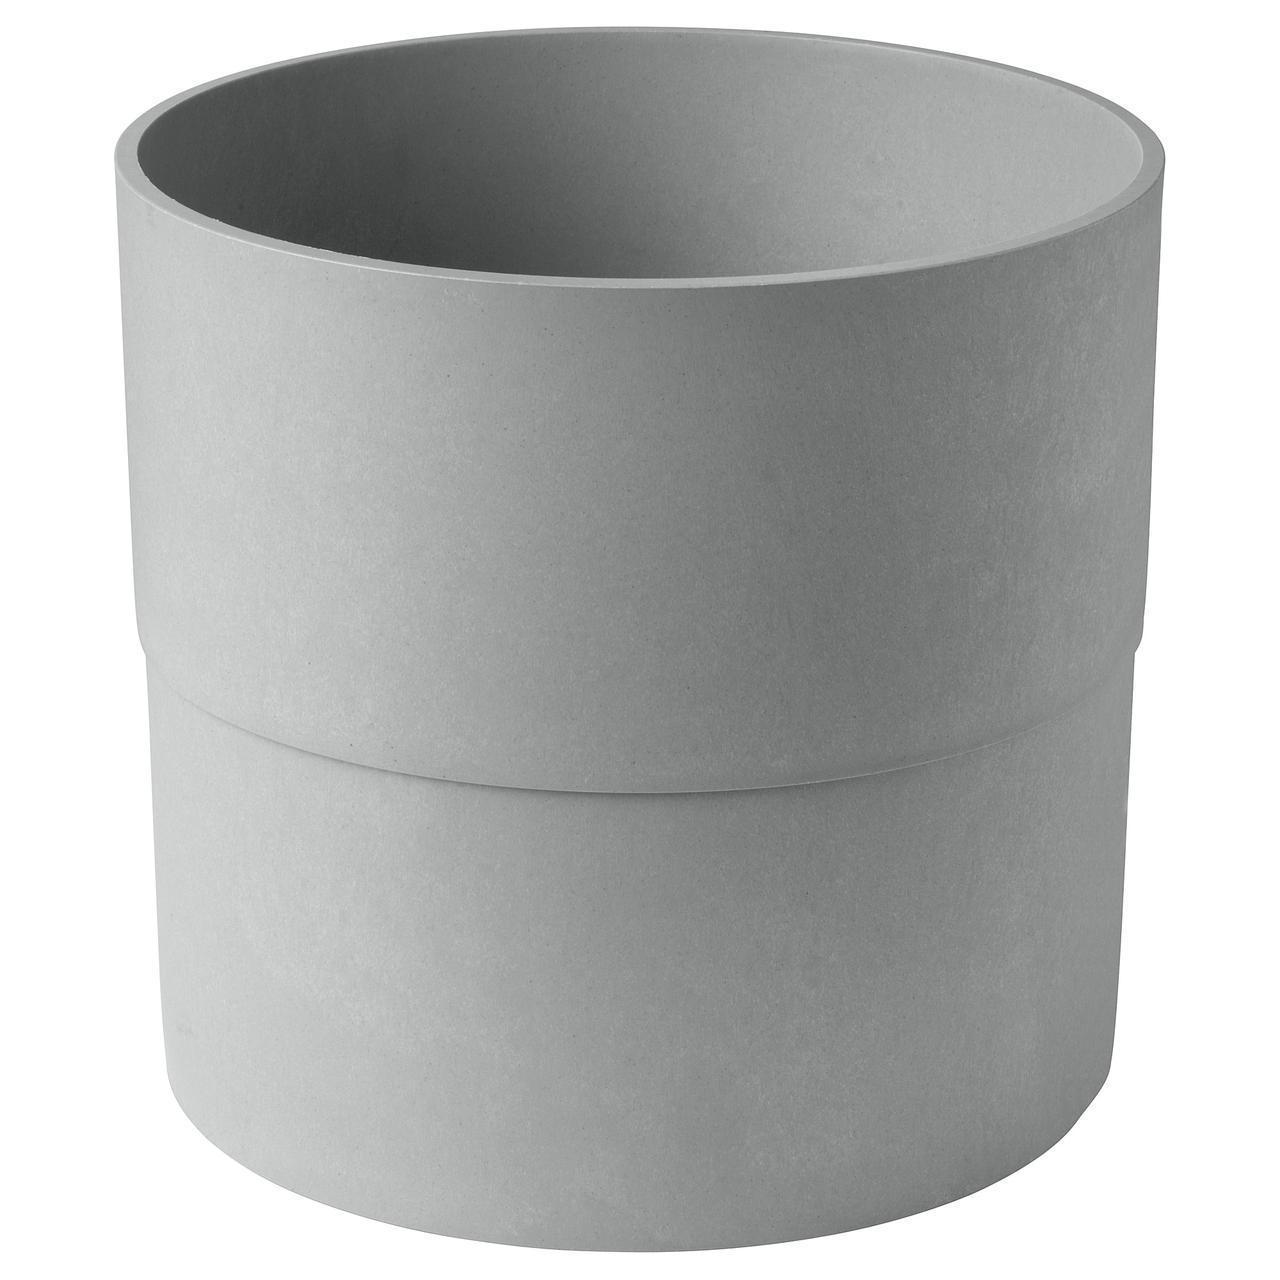 Цветочный горшок IKEA NYPON 32 см серый 303.956.32